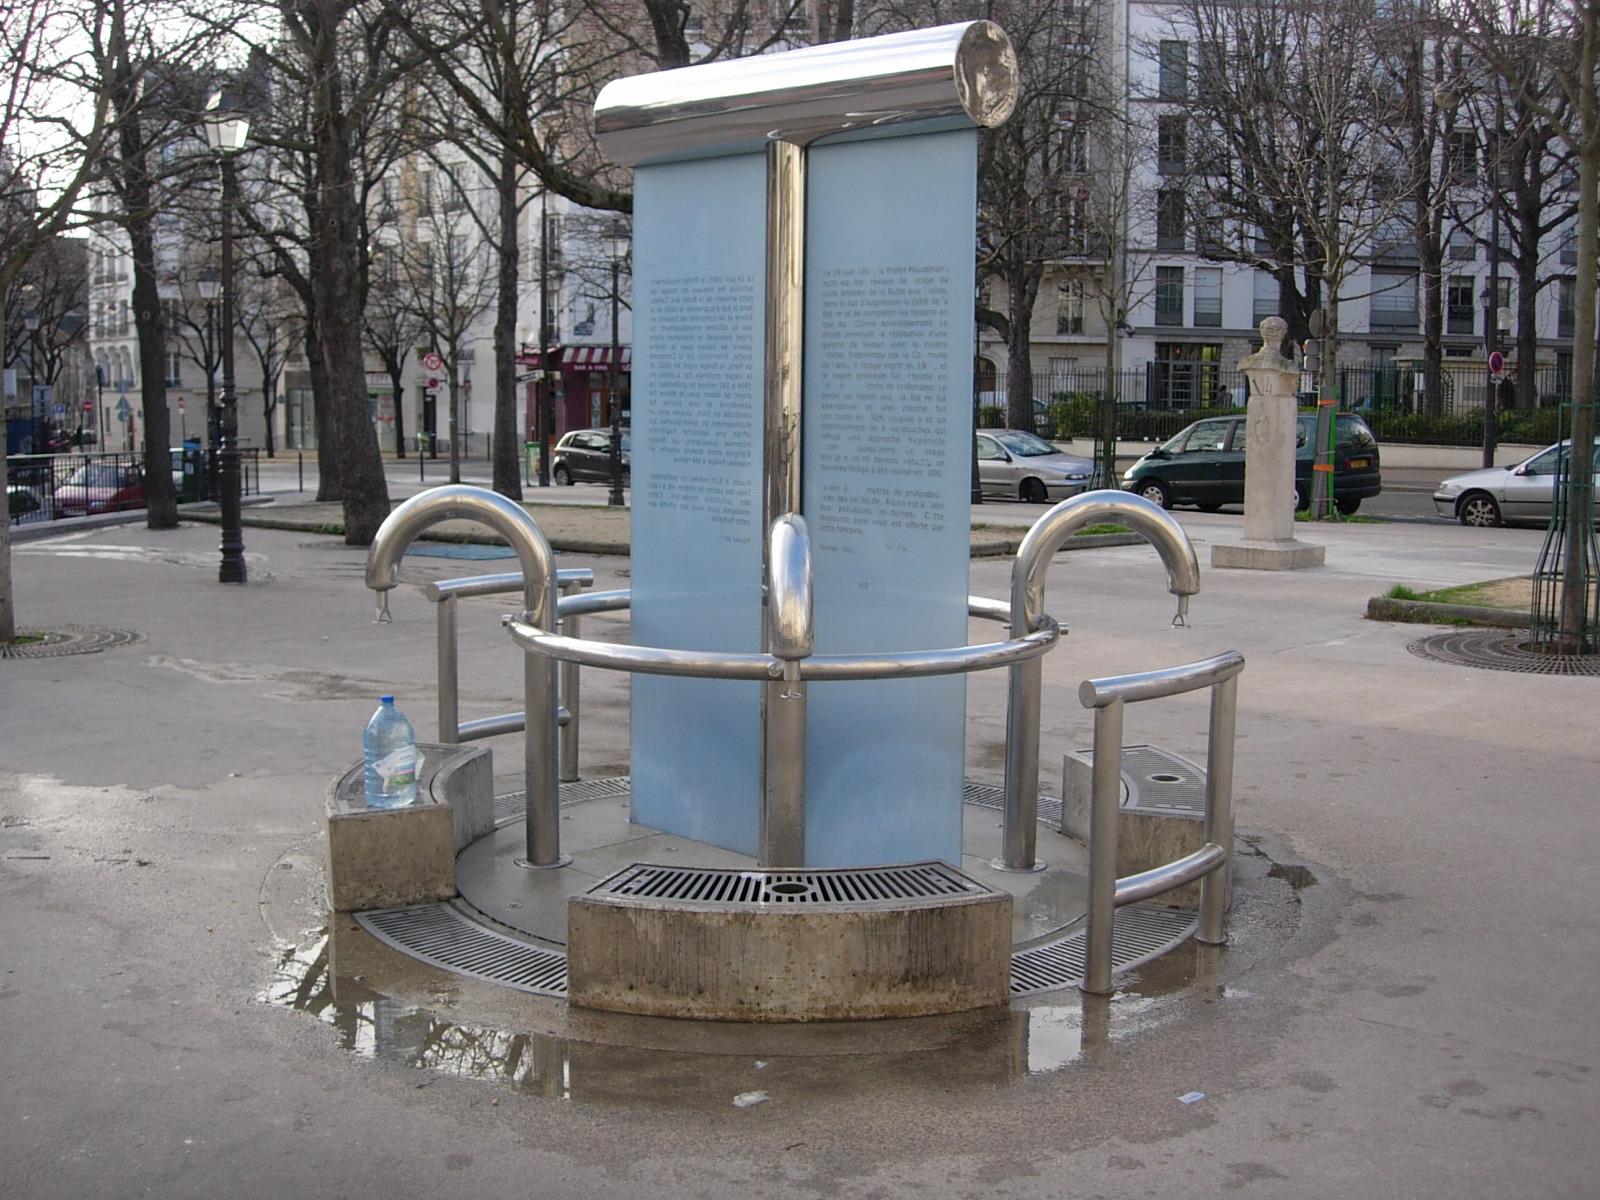 La Butte Aux Cailles Photos la fontaine de la butte aux cailles - mademoiselle bon plan